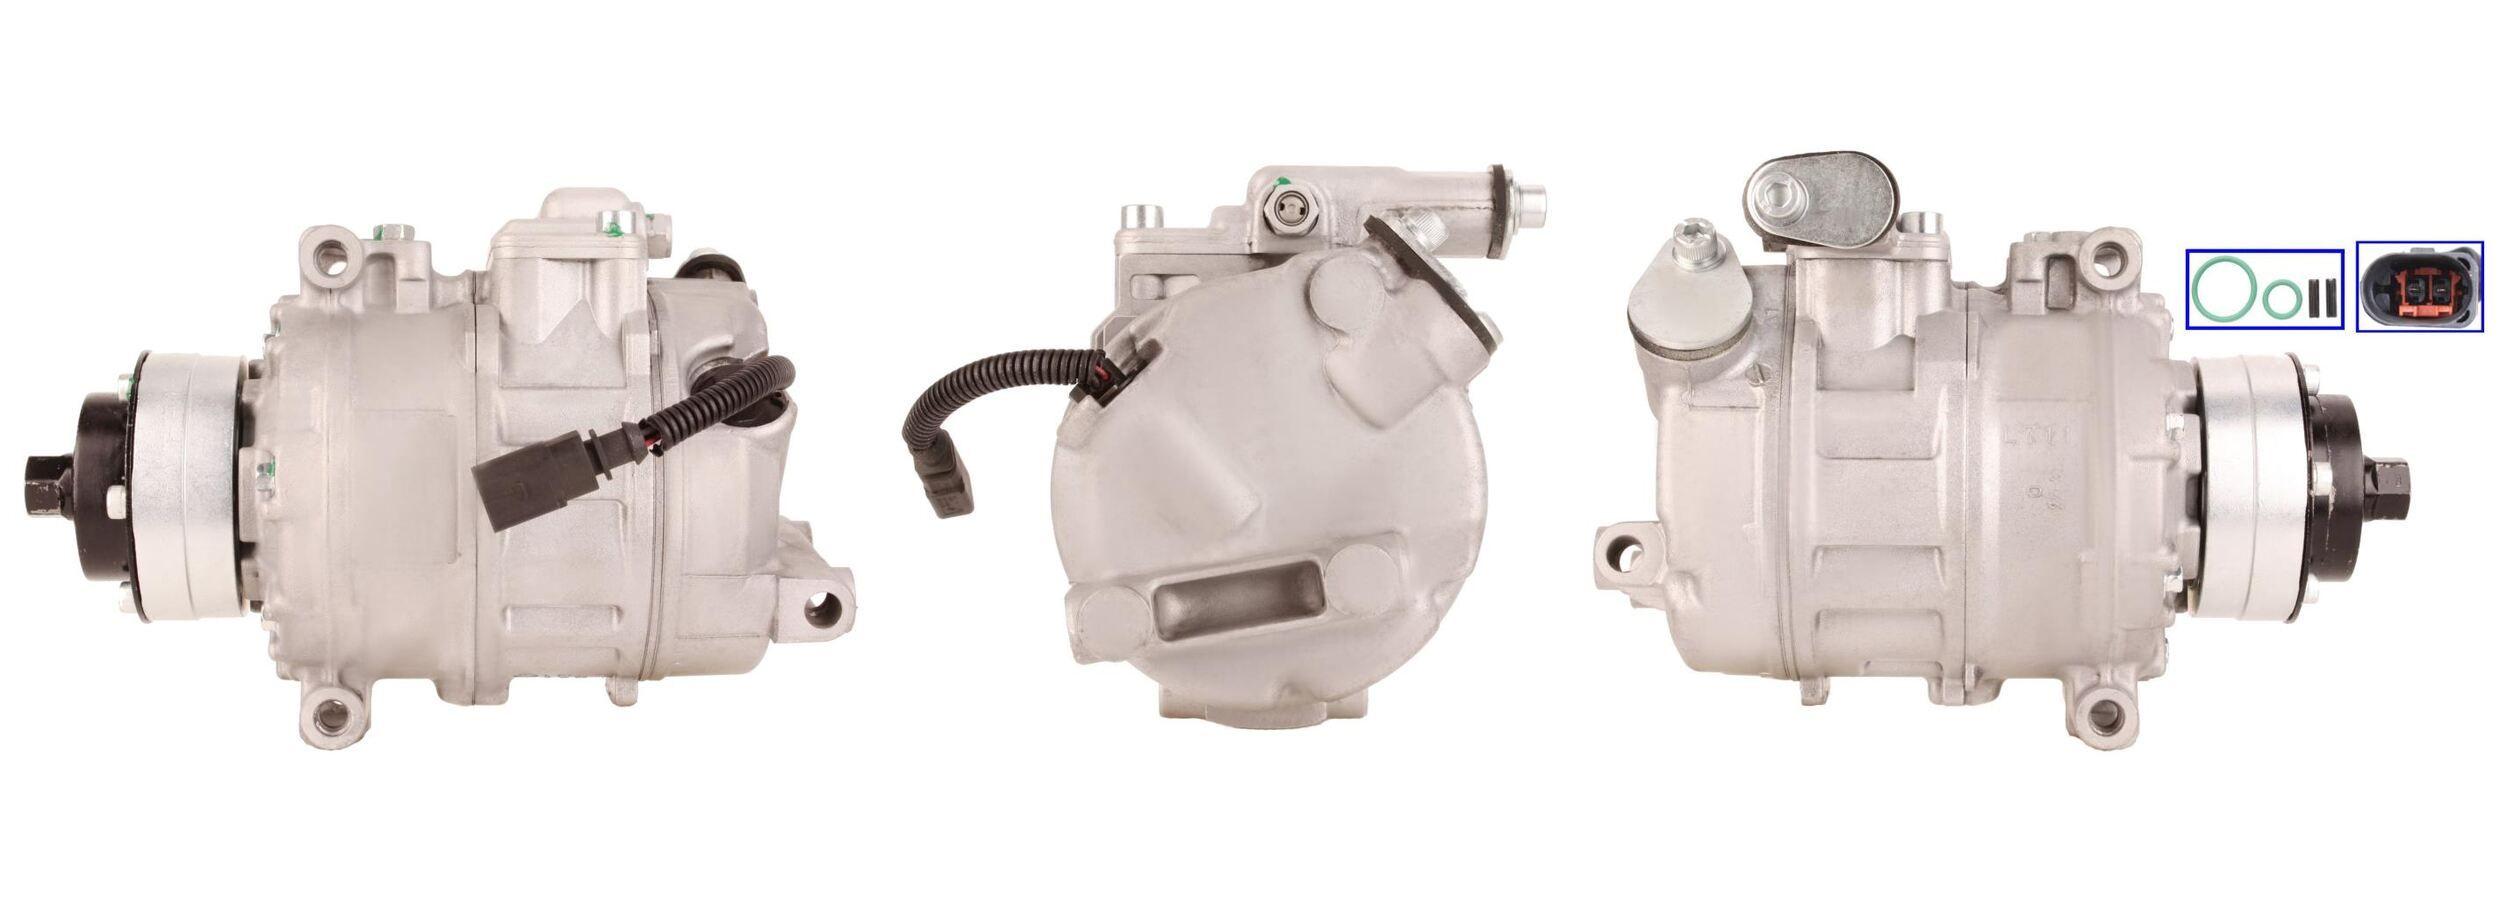 51-0397 ELSTOCK Kältemittel: R 134a, mit Dichtungen Klimakompressor 51-0397 günstig kaufen